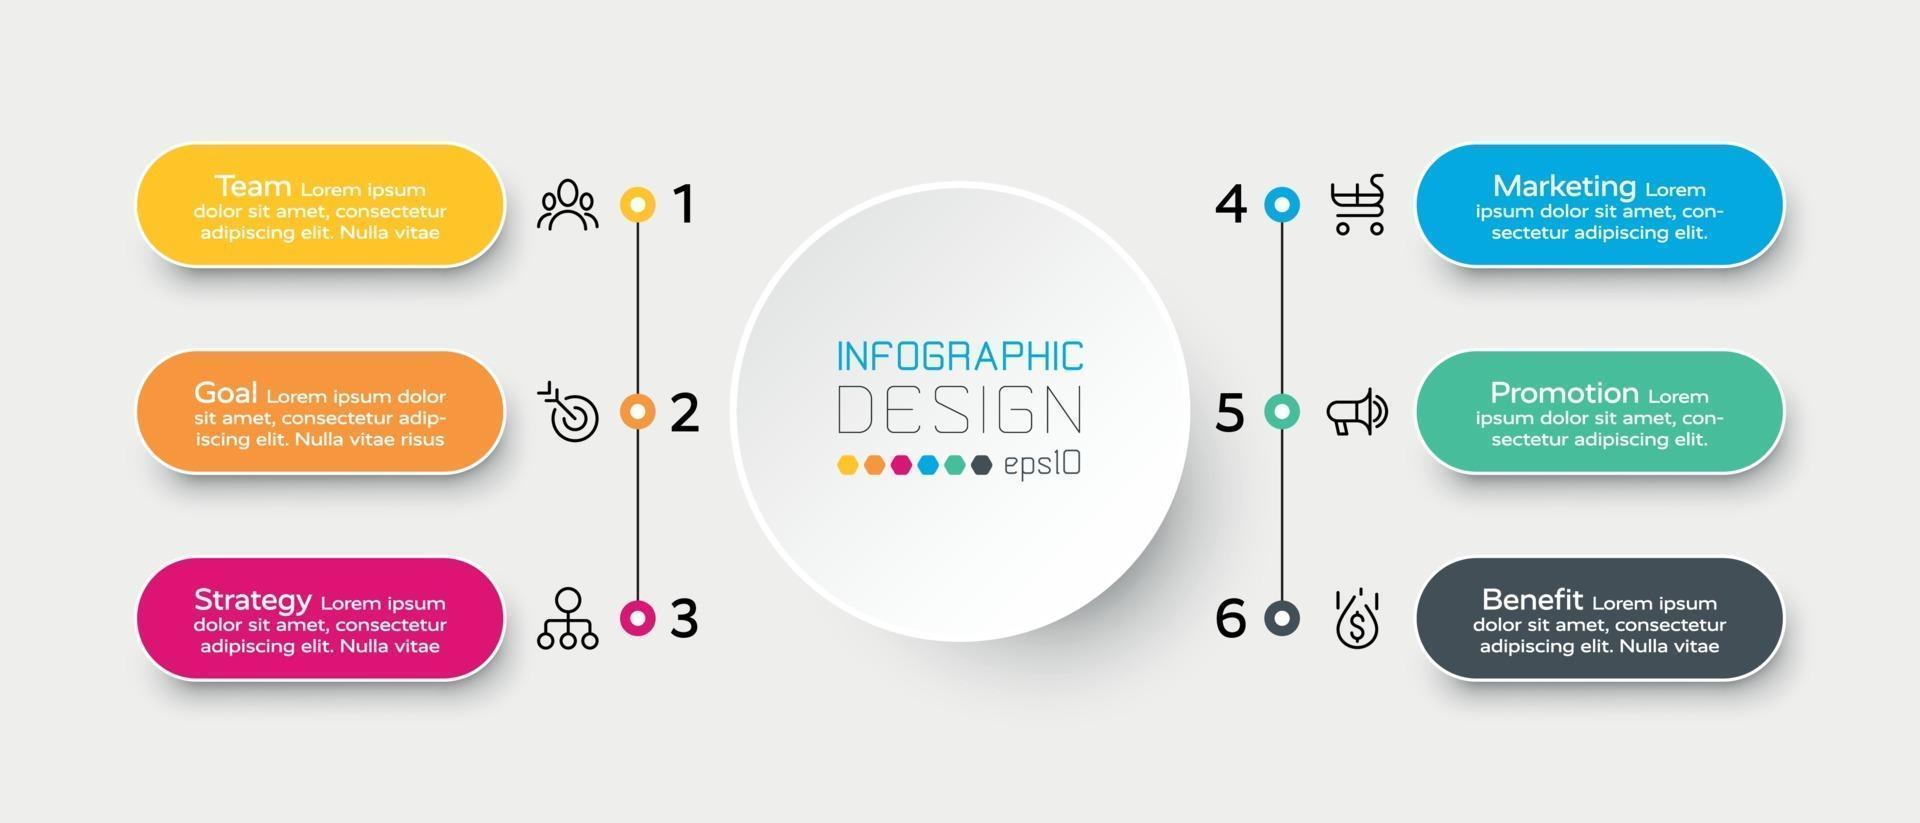 Il flusso di lavoro in 6 fasi descrive i processi e le funzioni dell'attività e del lavoro. vettore infografica.